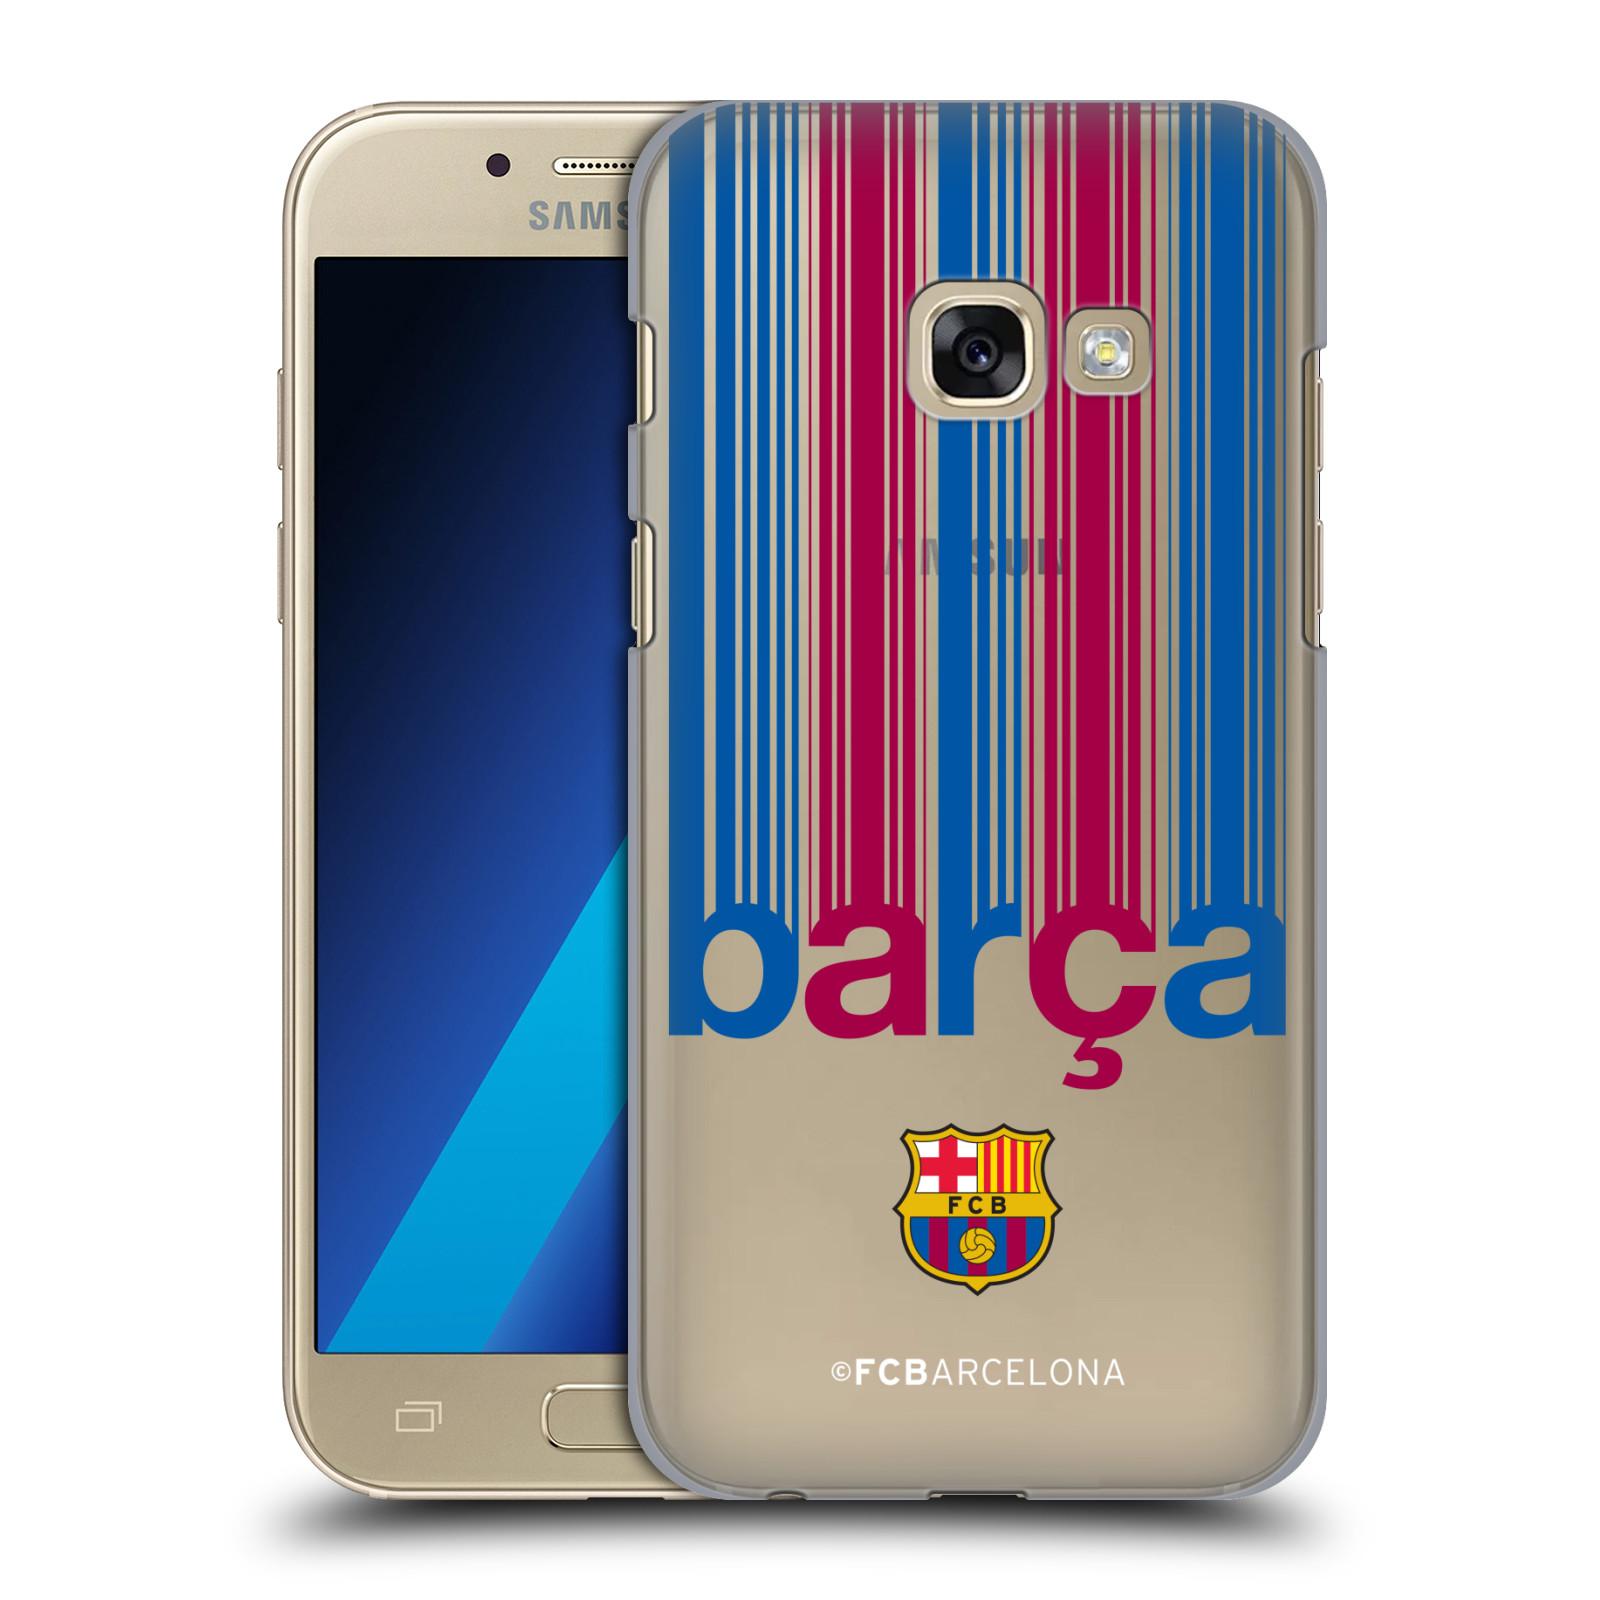 Plastové pouzdro na mobil Samsung Galaxy A3 (2017) - Head Case - FC Barcelona - Barca - čiré